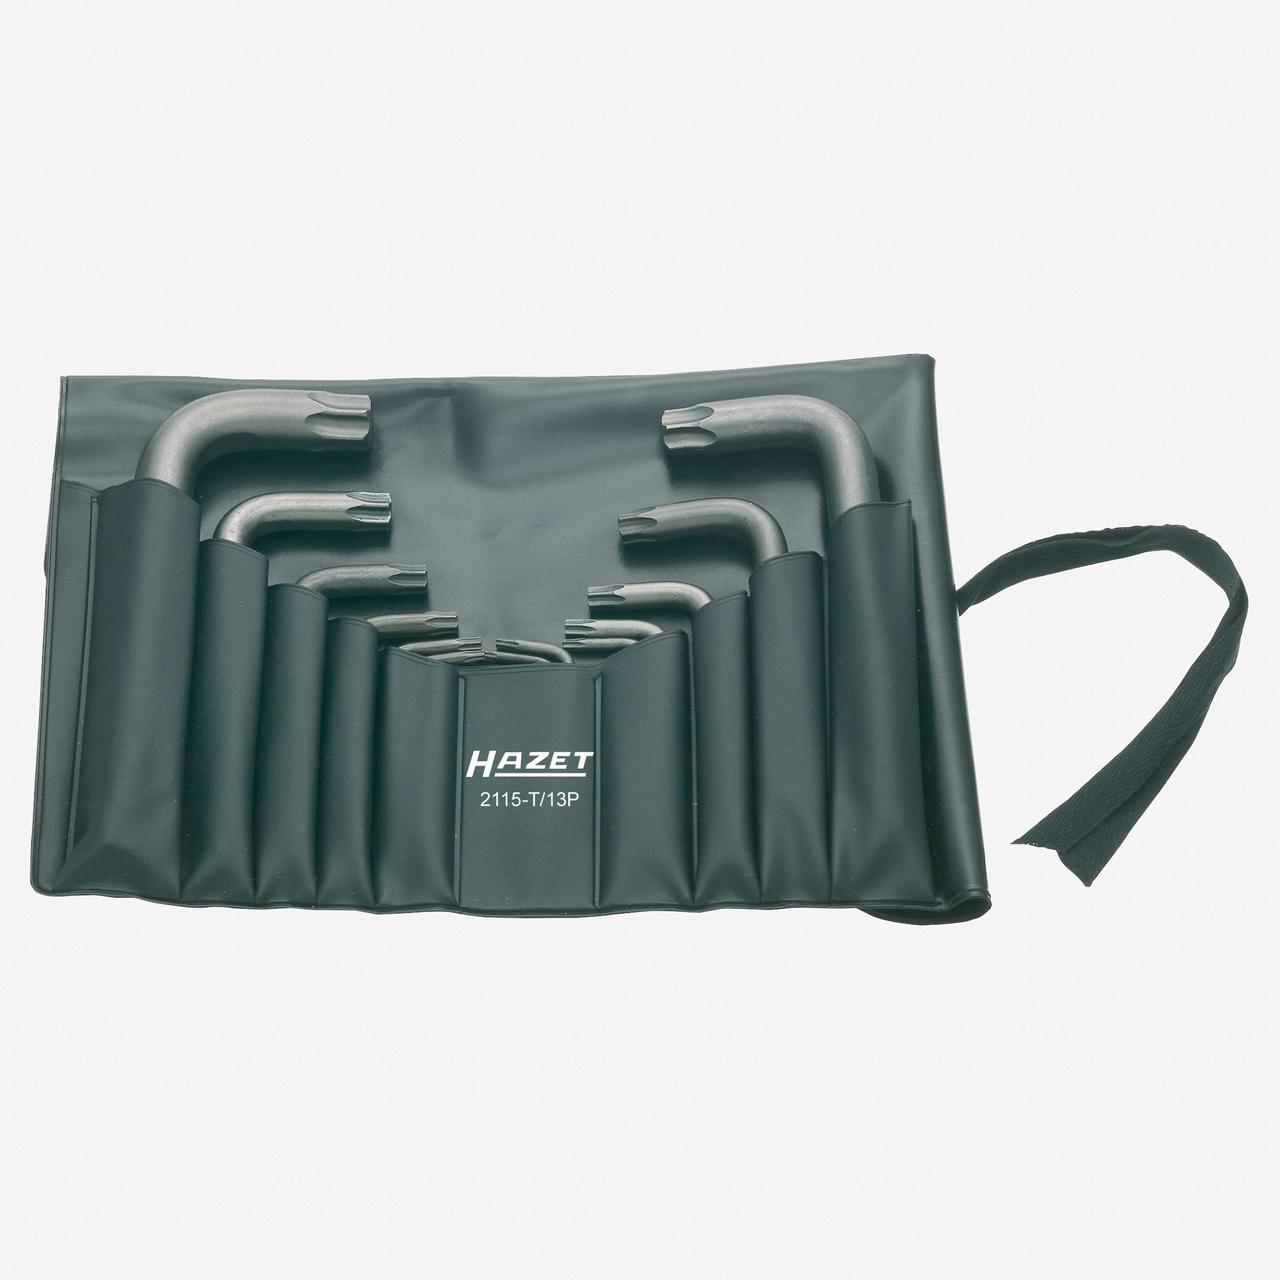 Hazet 2115-T/13P 13 Piece Torx L-key Set in Plastic Roll T7 - T60 - KC Tool